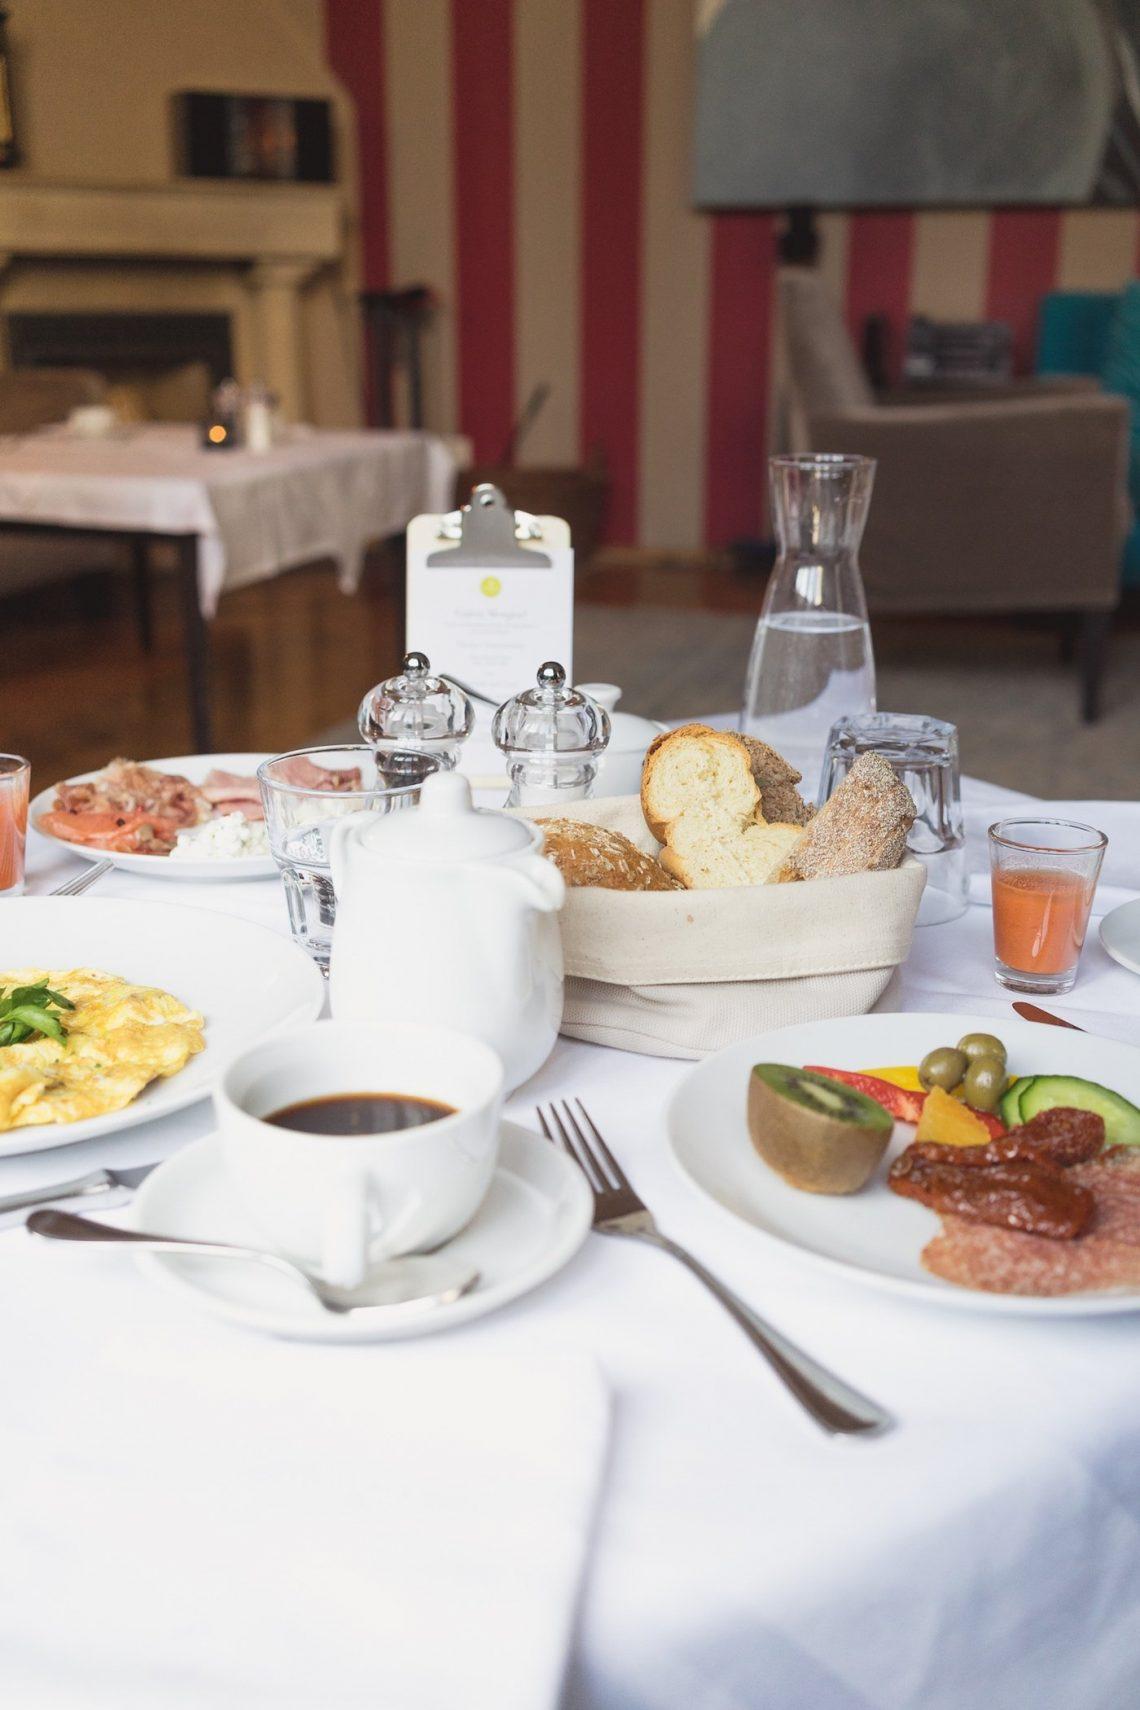 Salon Tisch Kaffee Tasse Wurst Obst Früchte Omelette Karaffe Wasser Salzstreuer Brot Glas